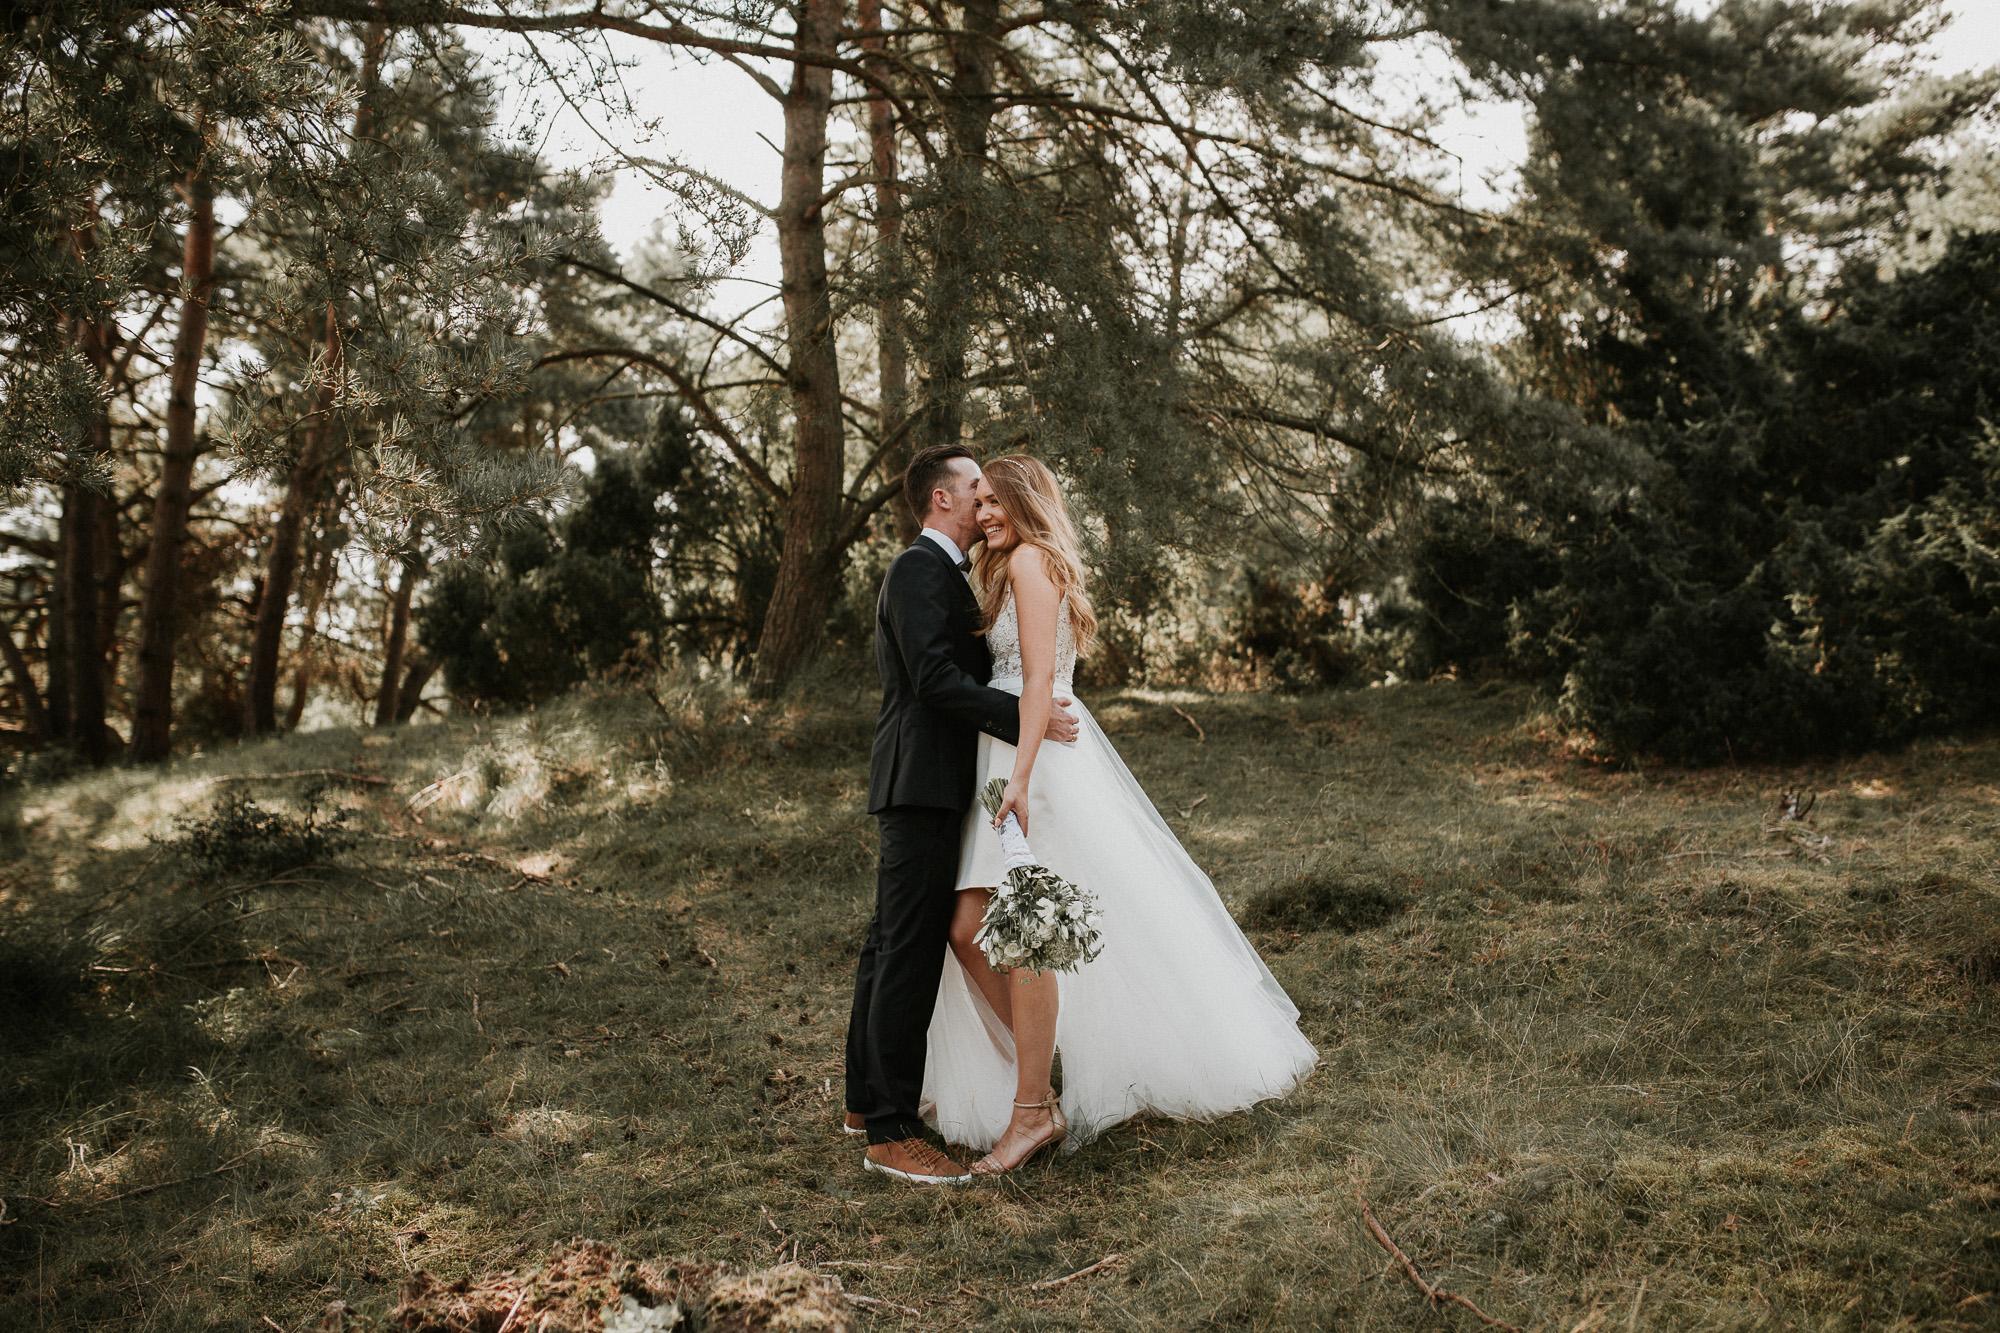 Hochzeitsfotograf_Dinslaken_Hanna_Marc21